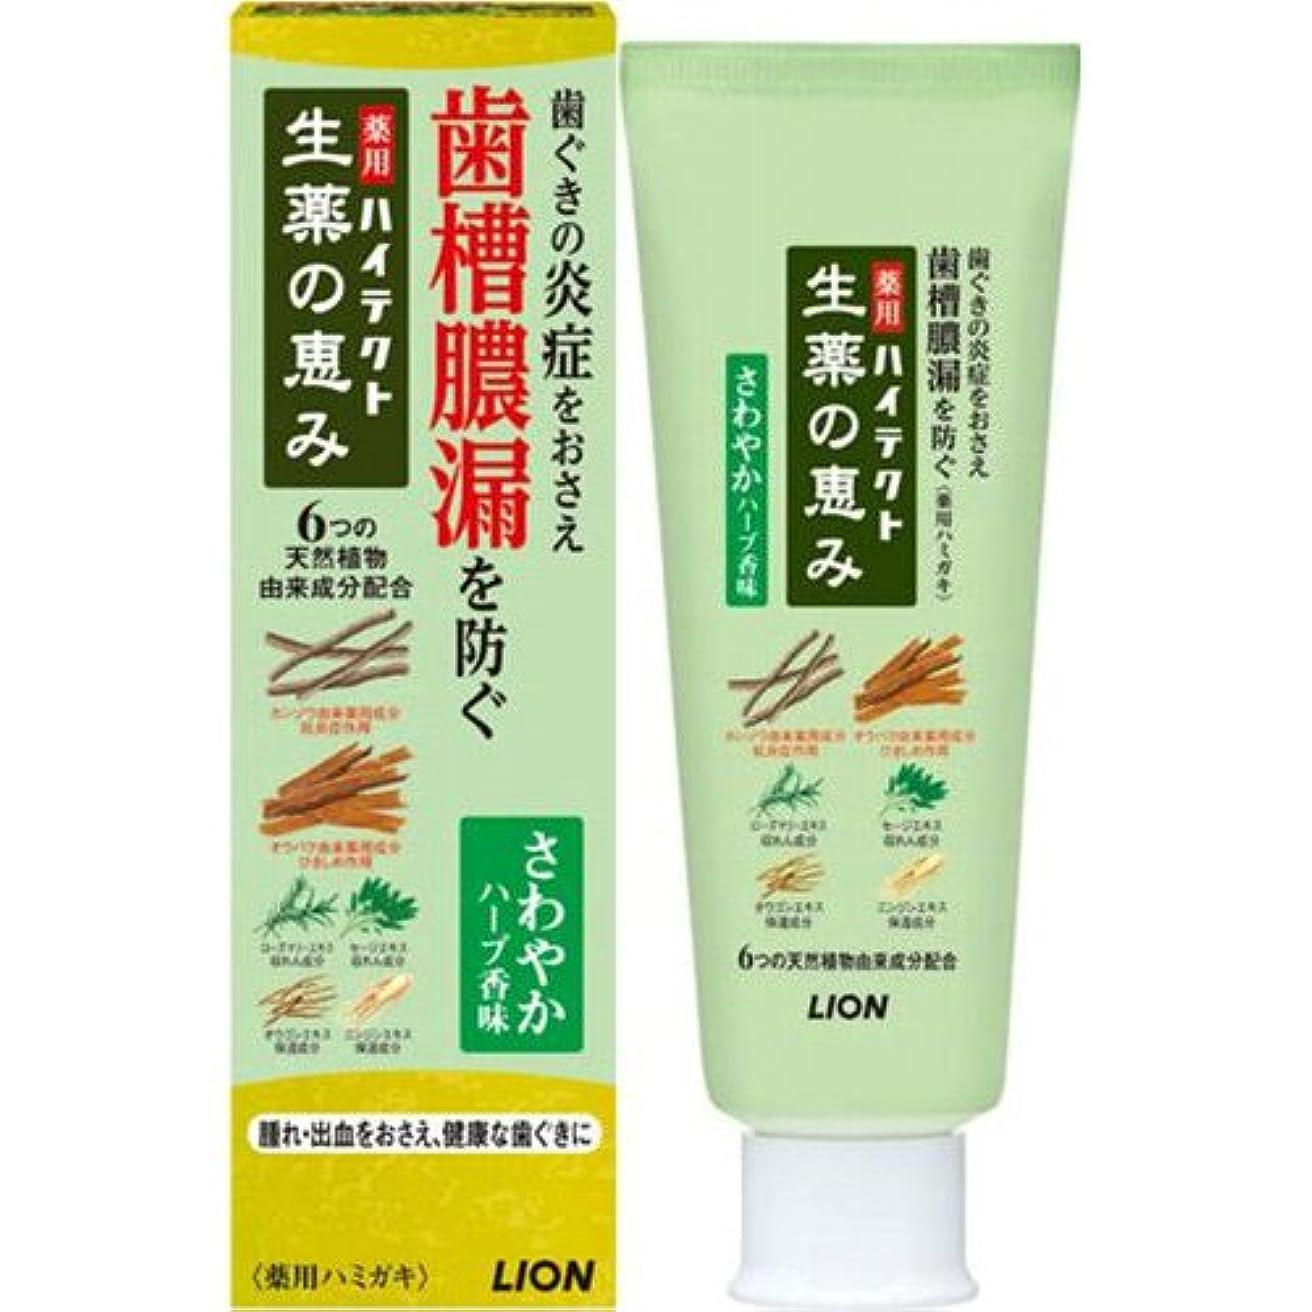 悩み基礎つづり【ライオン】ハイテクト 生薬の恵み さわやかハーブ香味 90g ×3個セット